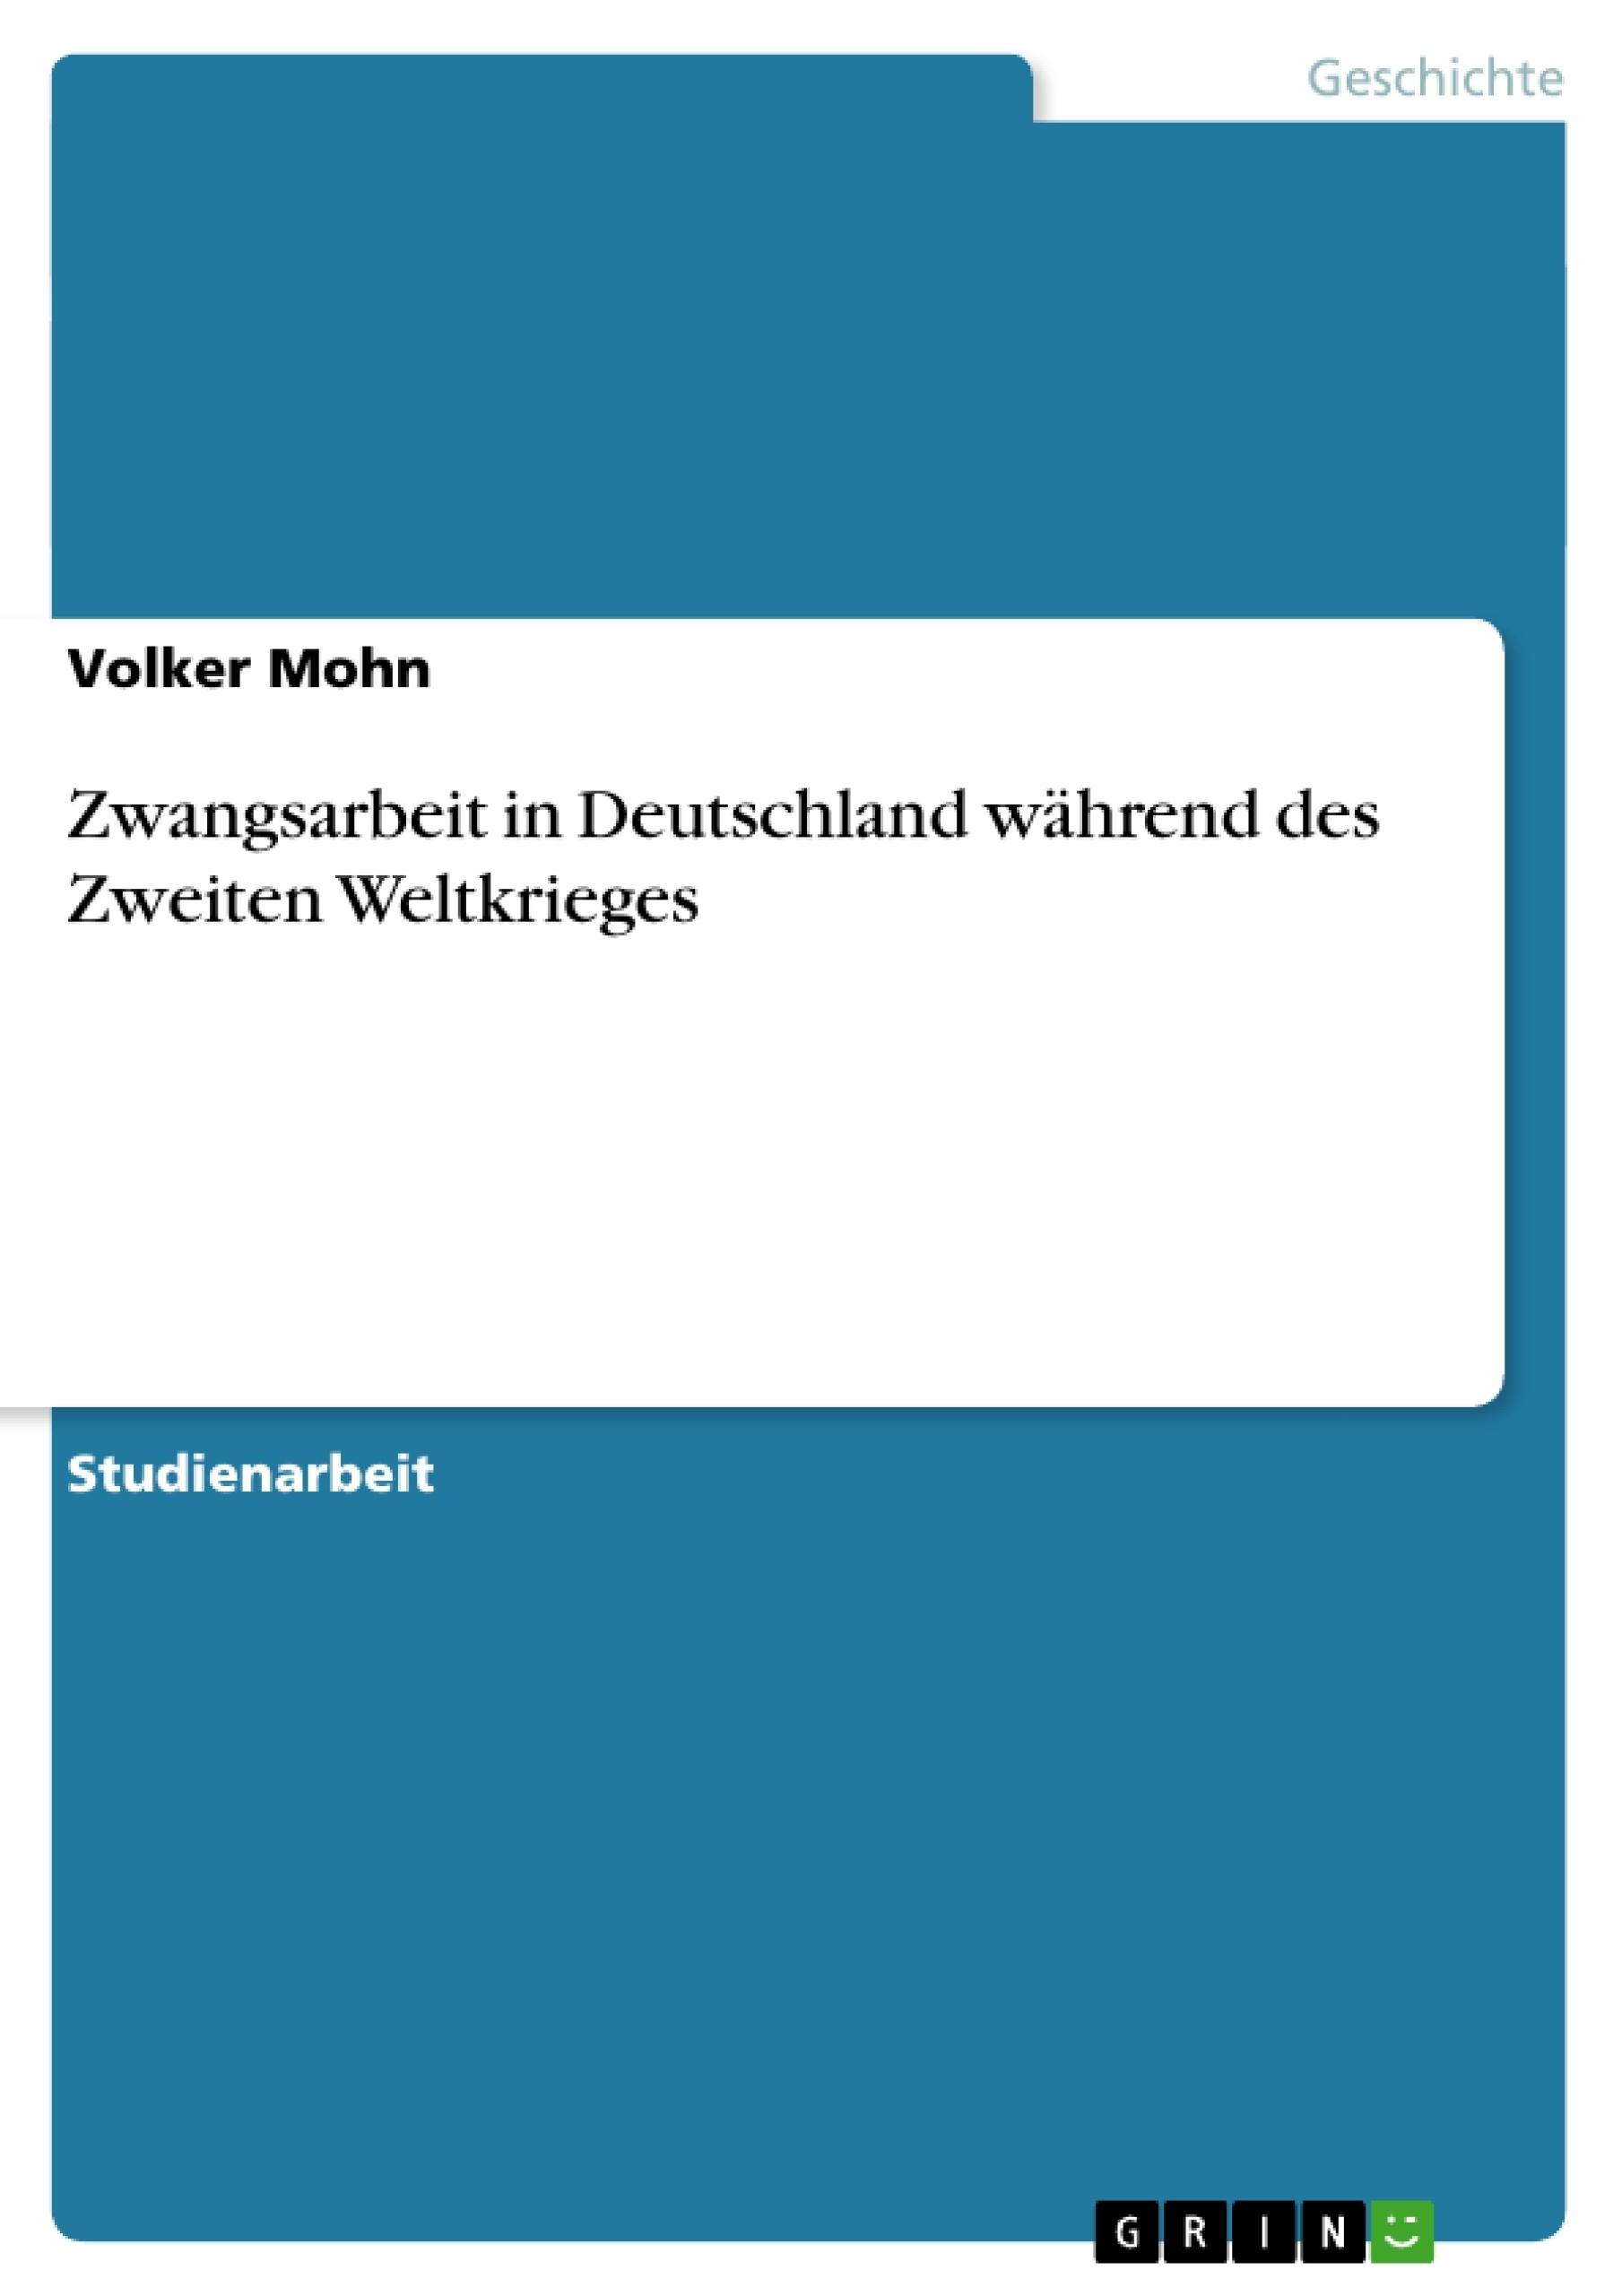 Titel: Zwangsarbeit in Deutschland während des Zweiten Weltkrieges